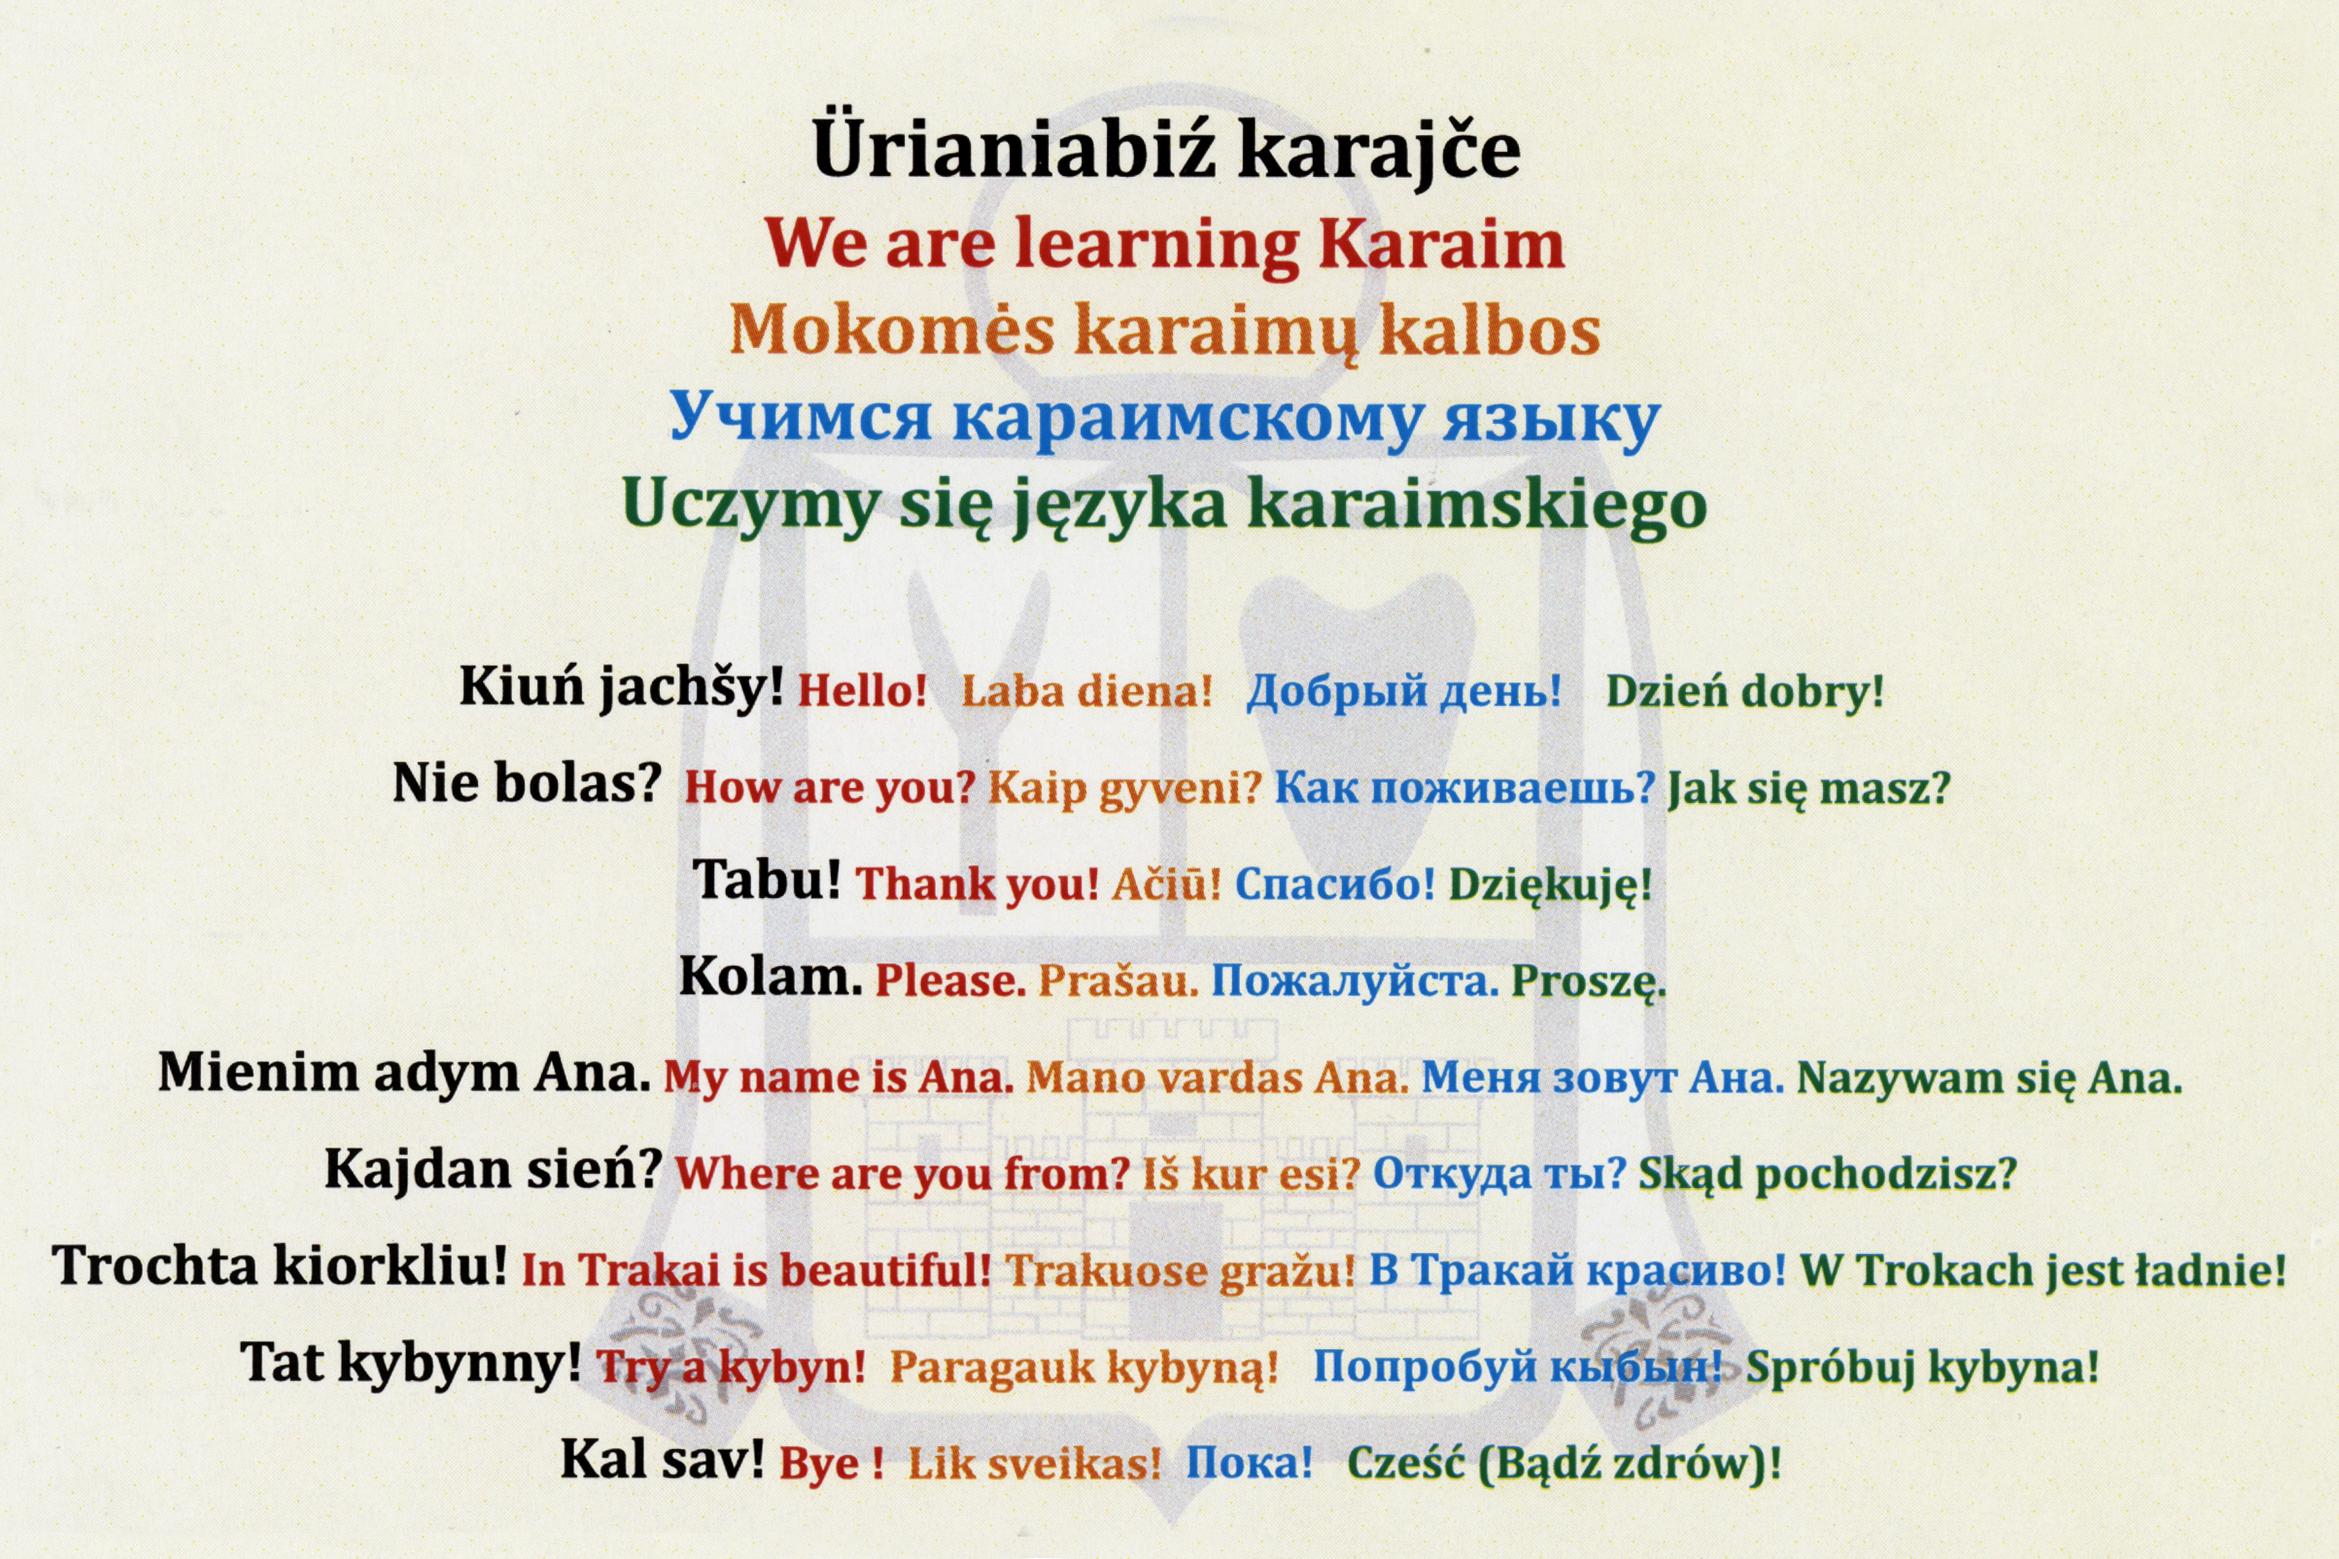 Z wielojęzycznej kartki pocztowej turyści zwiedzający Troki mogli nauczyć się podstawowych zwrotów po karaimsku.